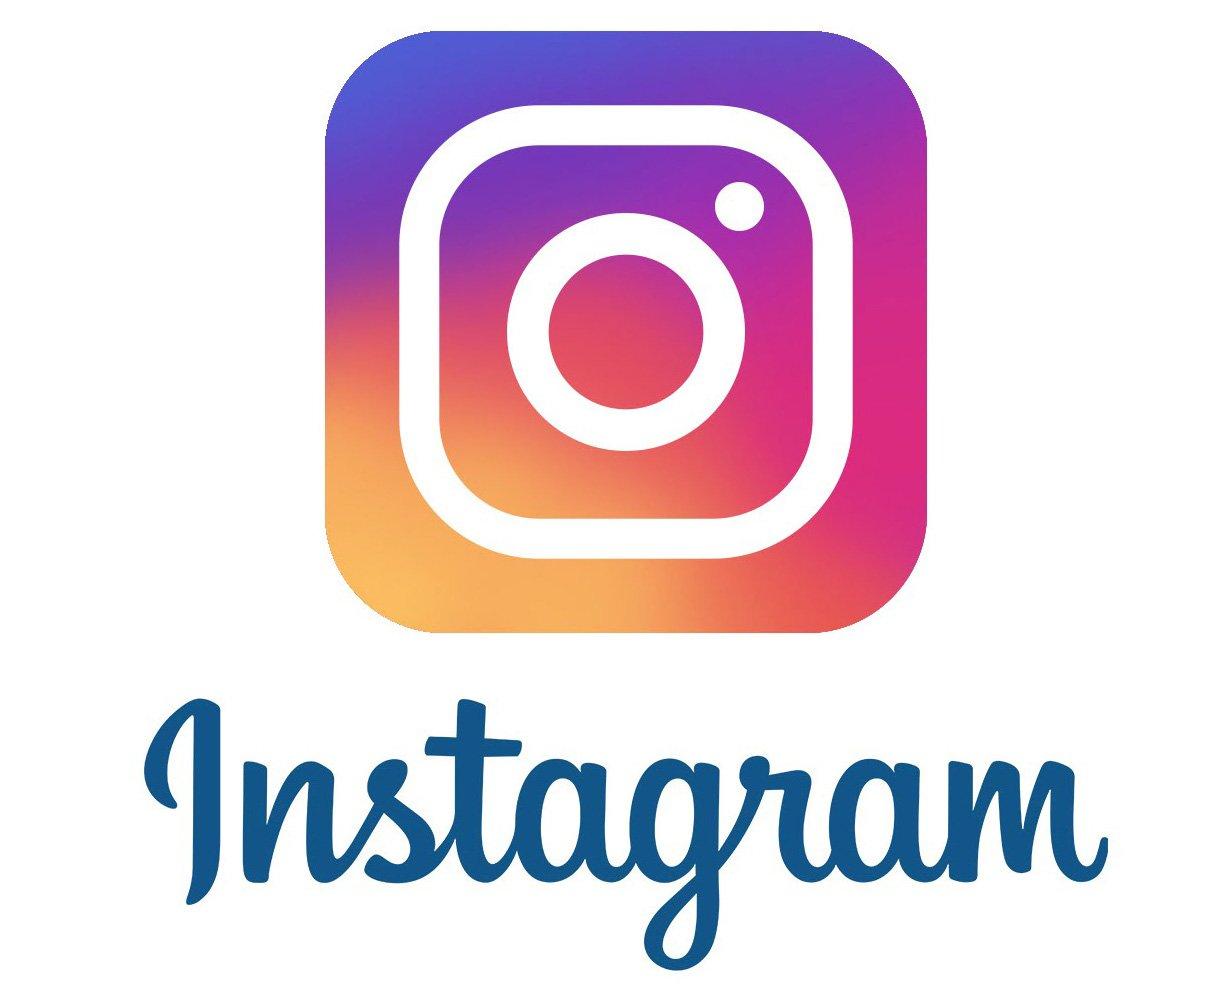 Instagram logo : histoire, signification et évolution, symbole